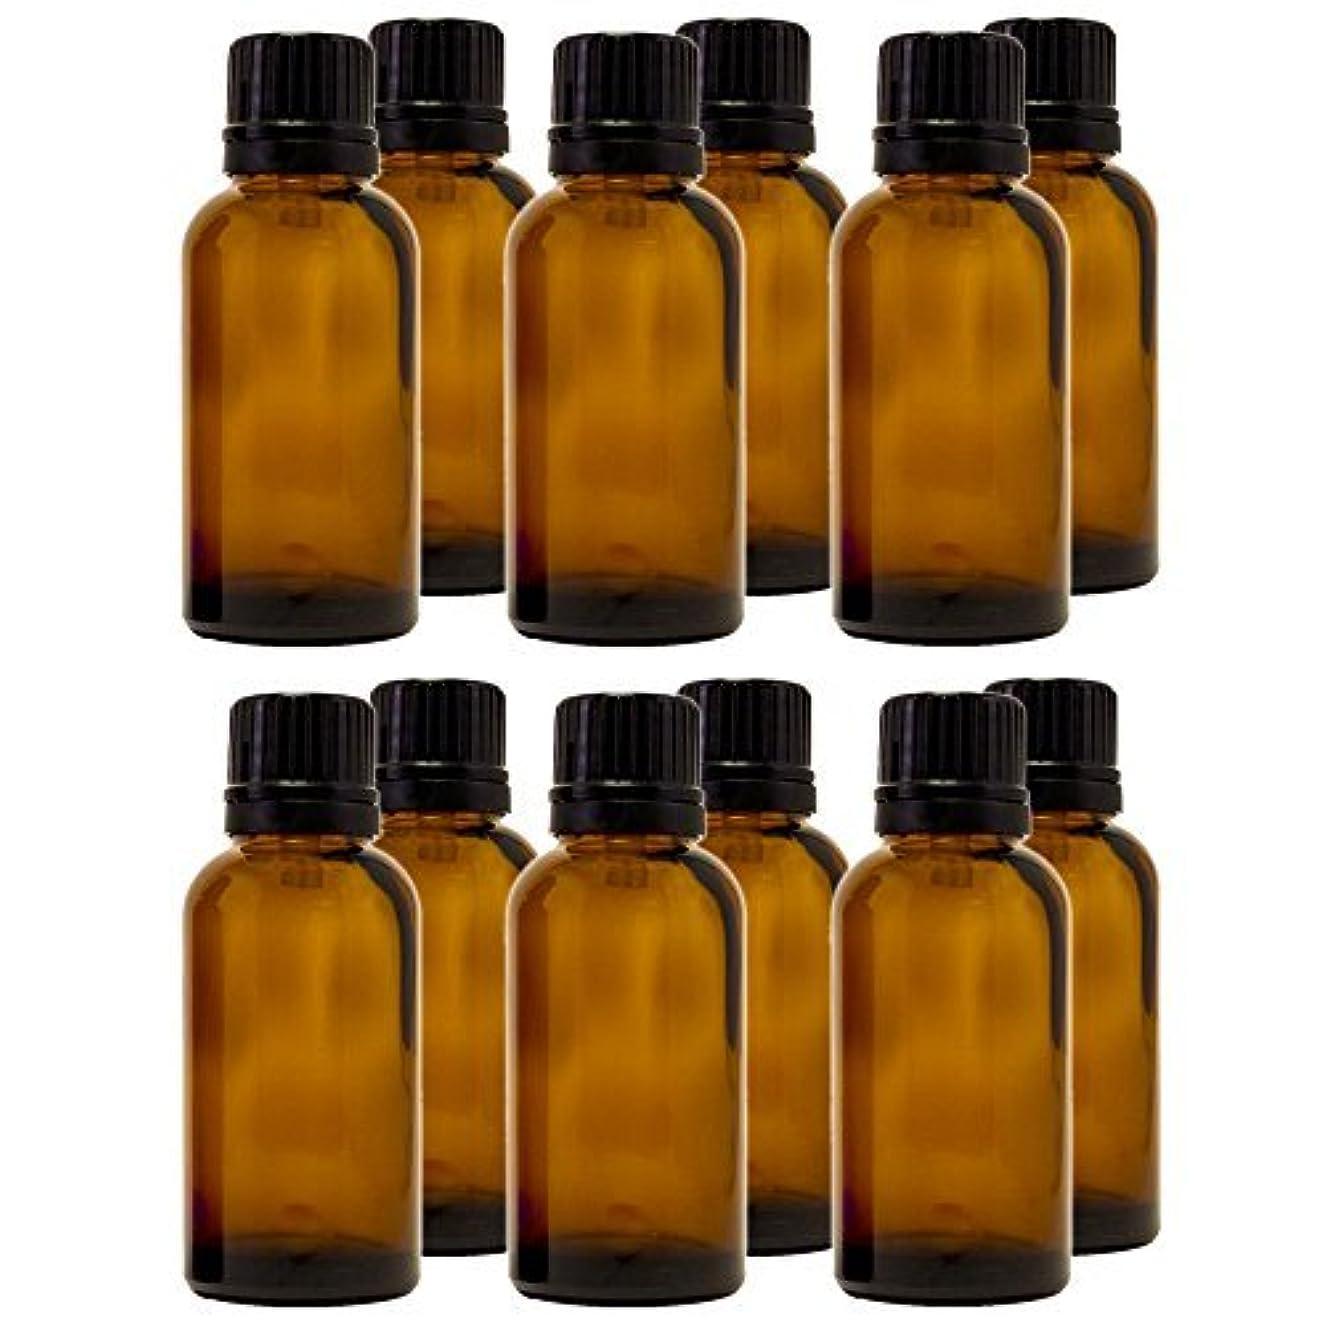 はず対立いつ30 ml (1 fl oz) Amber Glass Bottle with Euro Dropper (12 Pack) [並行輸入品]